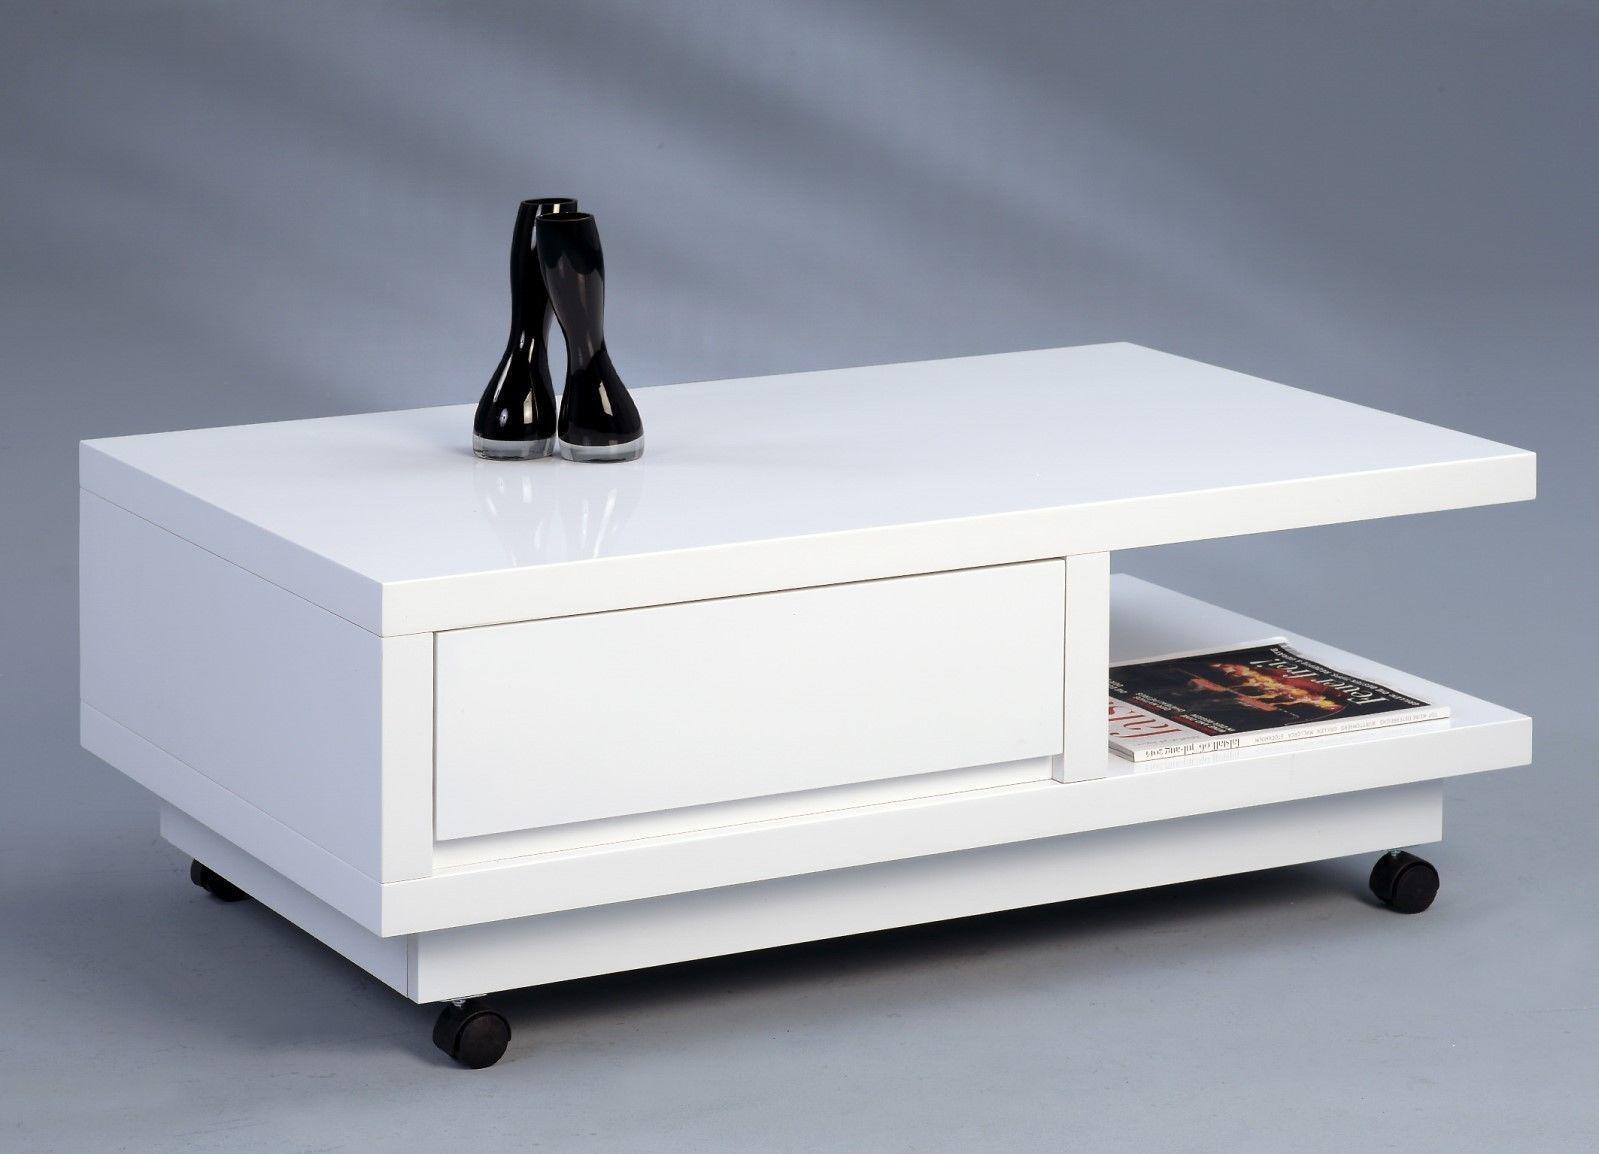 Couchtisch Beistelltisch - Wera - 100x60 cm Hochglanz weiss - Kaufen ...